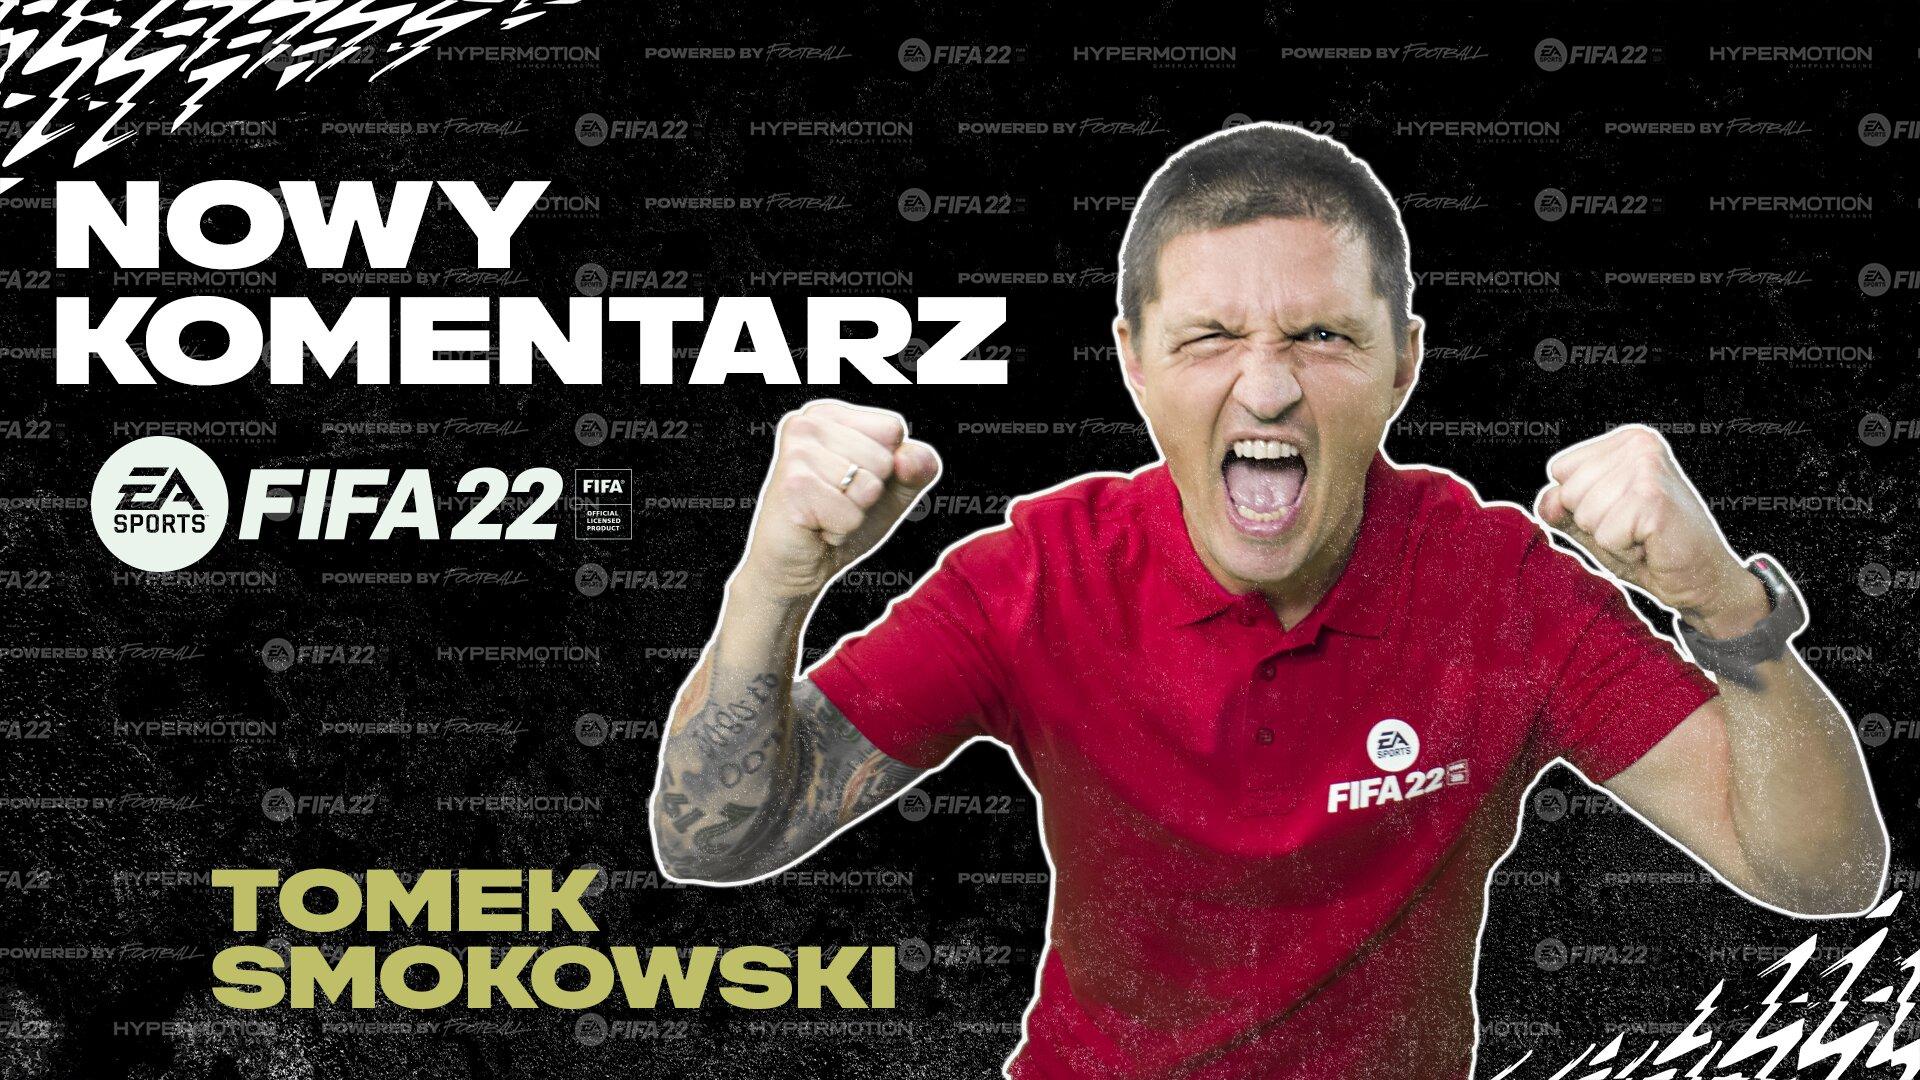 Tomasz Smokowski oficjalnym komentatorem w FIFA 22! Zastąpił Dariusza Szpakowskiego